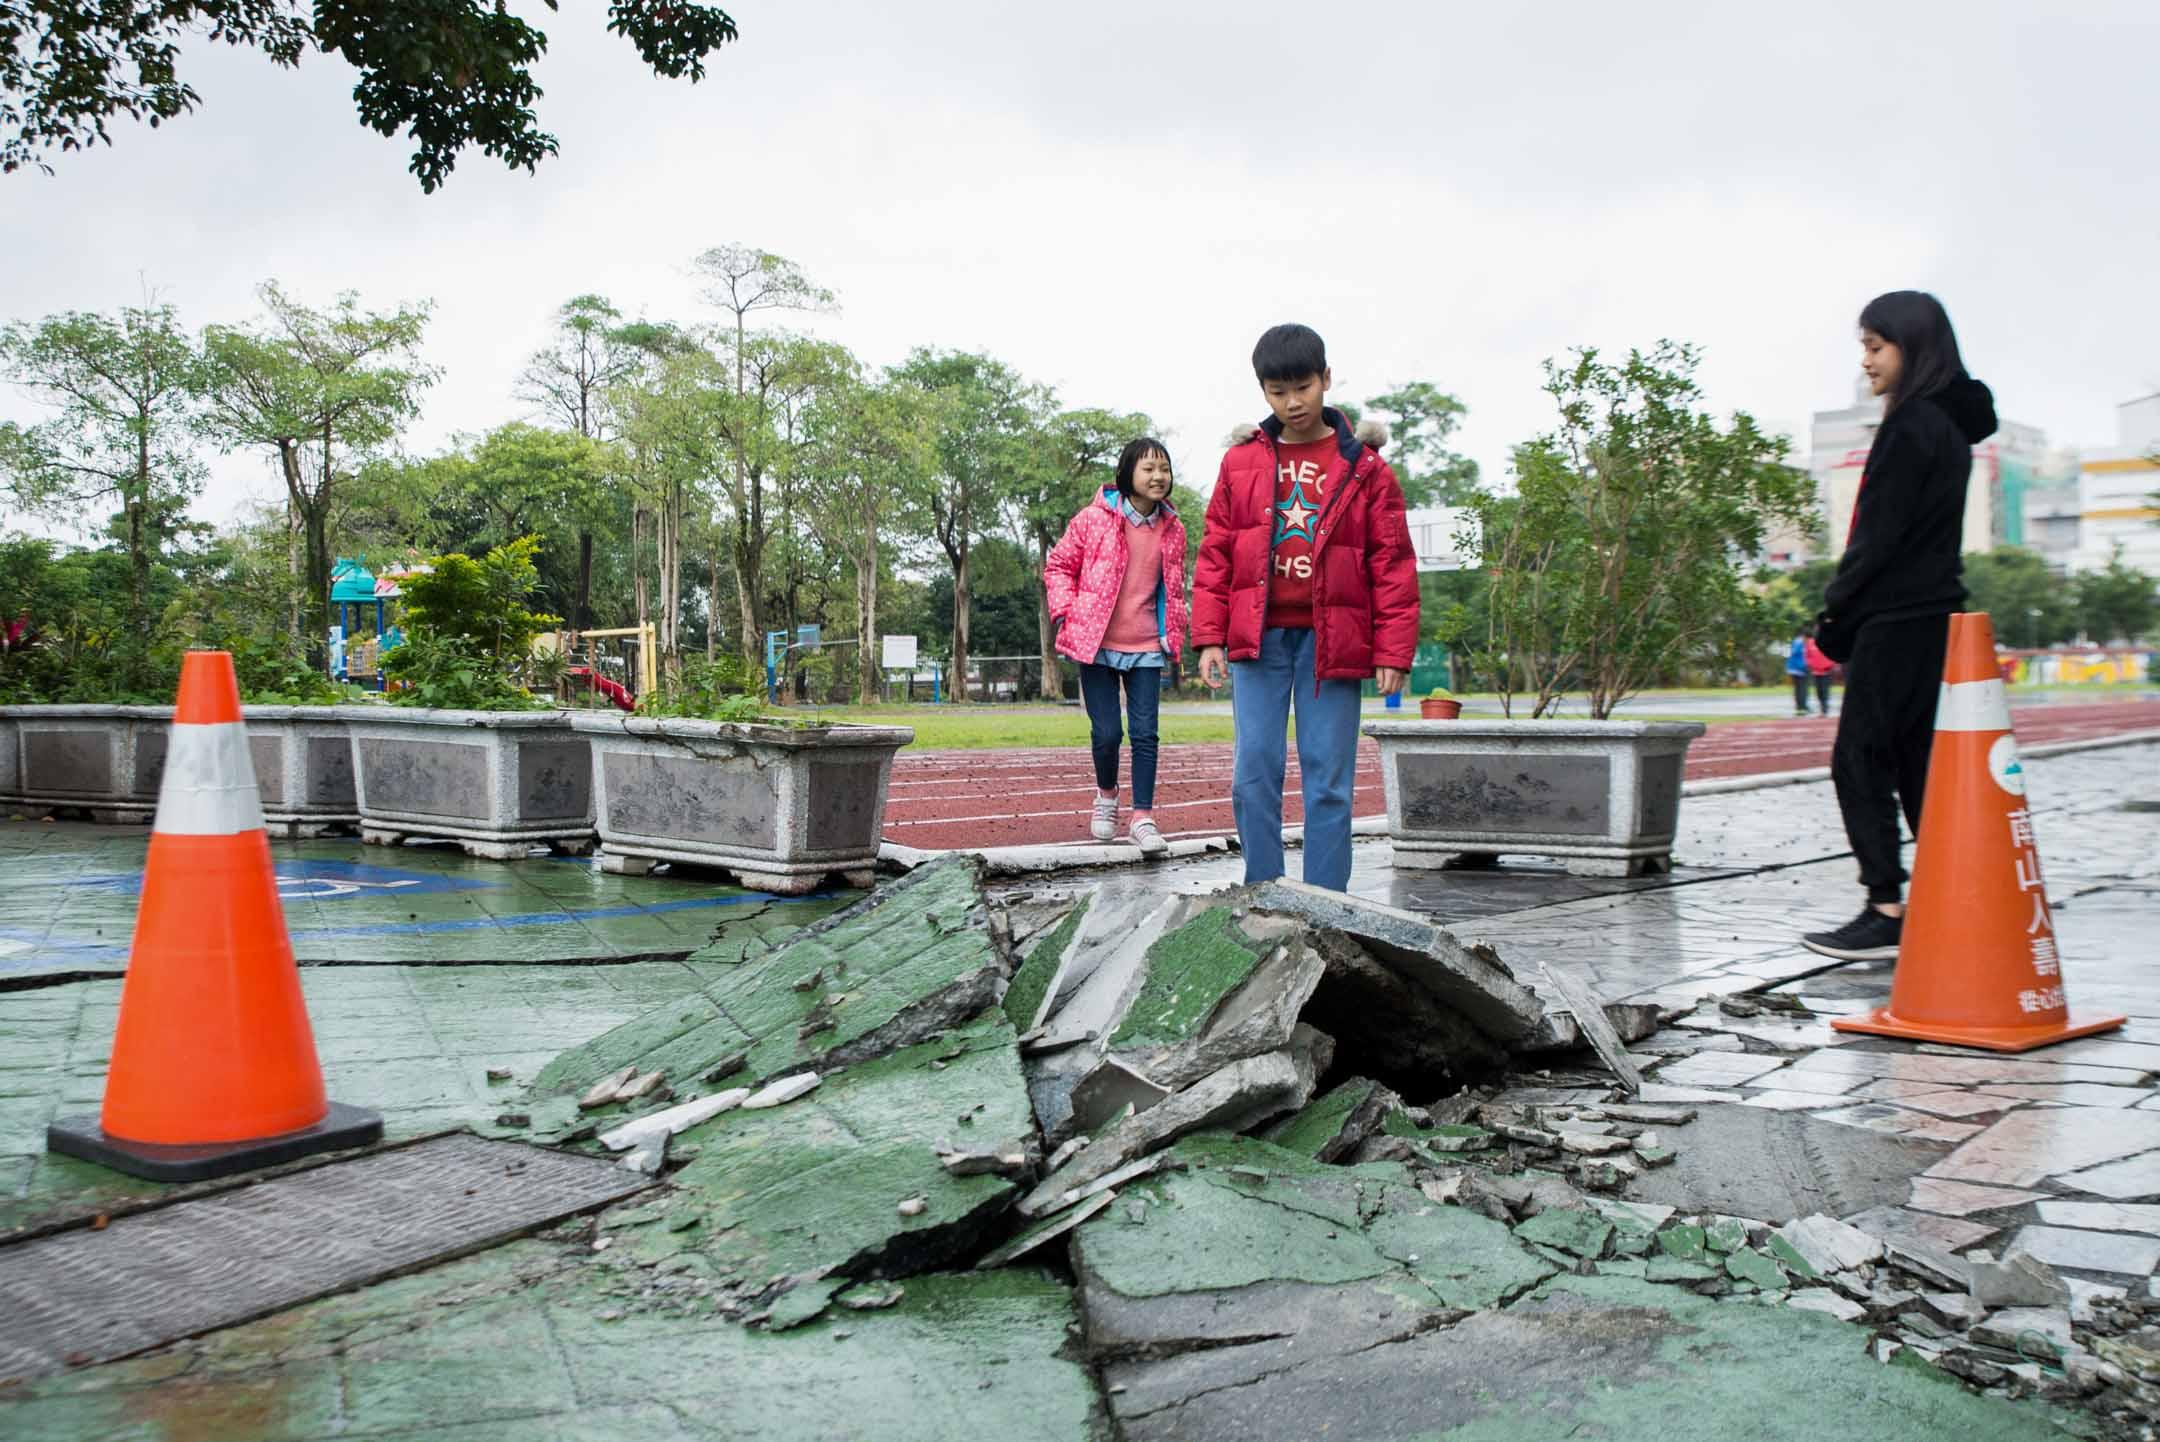 位於米崙斷層帶上的花蓮市明禮國小,是全花蓮校齡最老的小學。今年即將屆滿120歲的它,歷經無數次大小地震洗禮。 攝:林靜怡/端傳媒